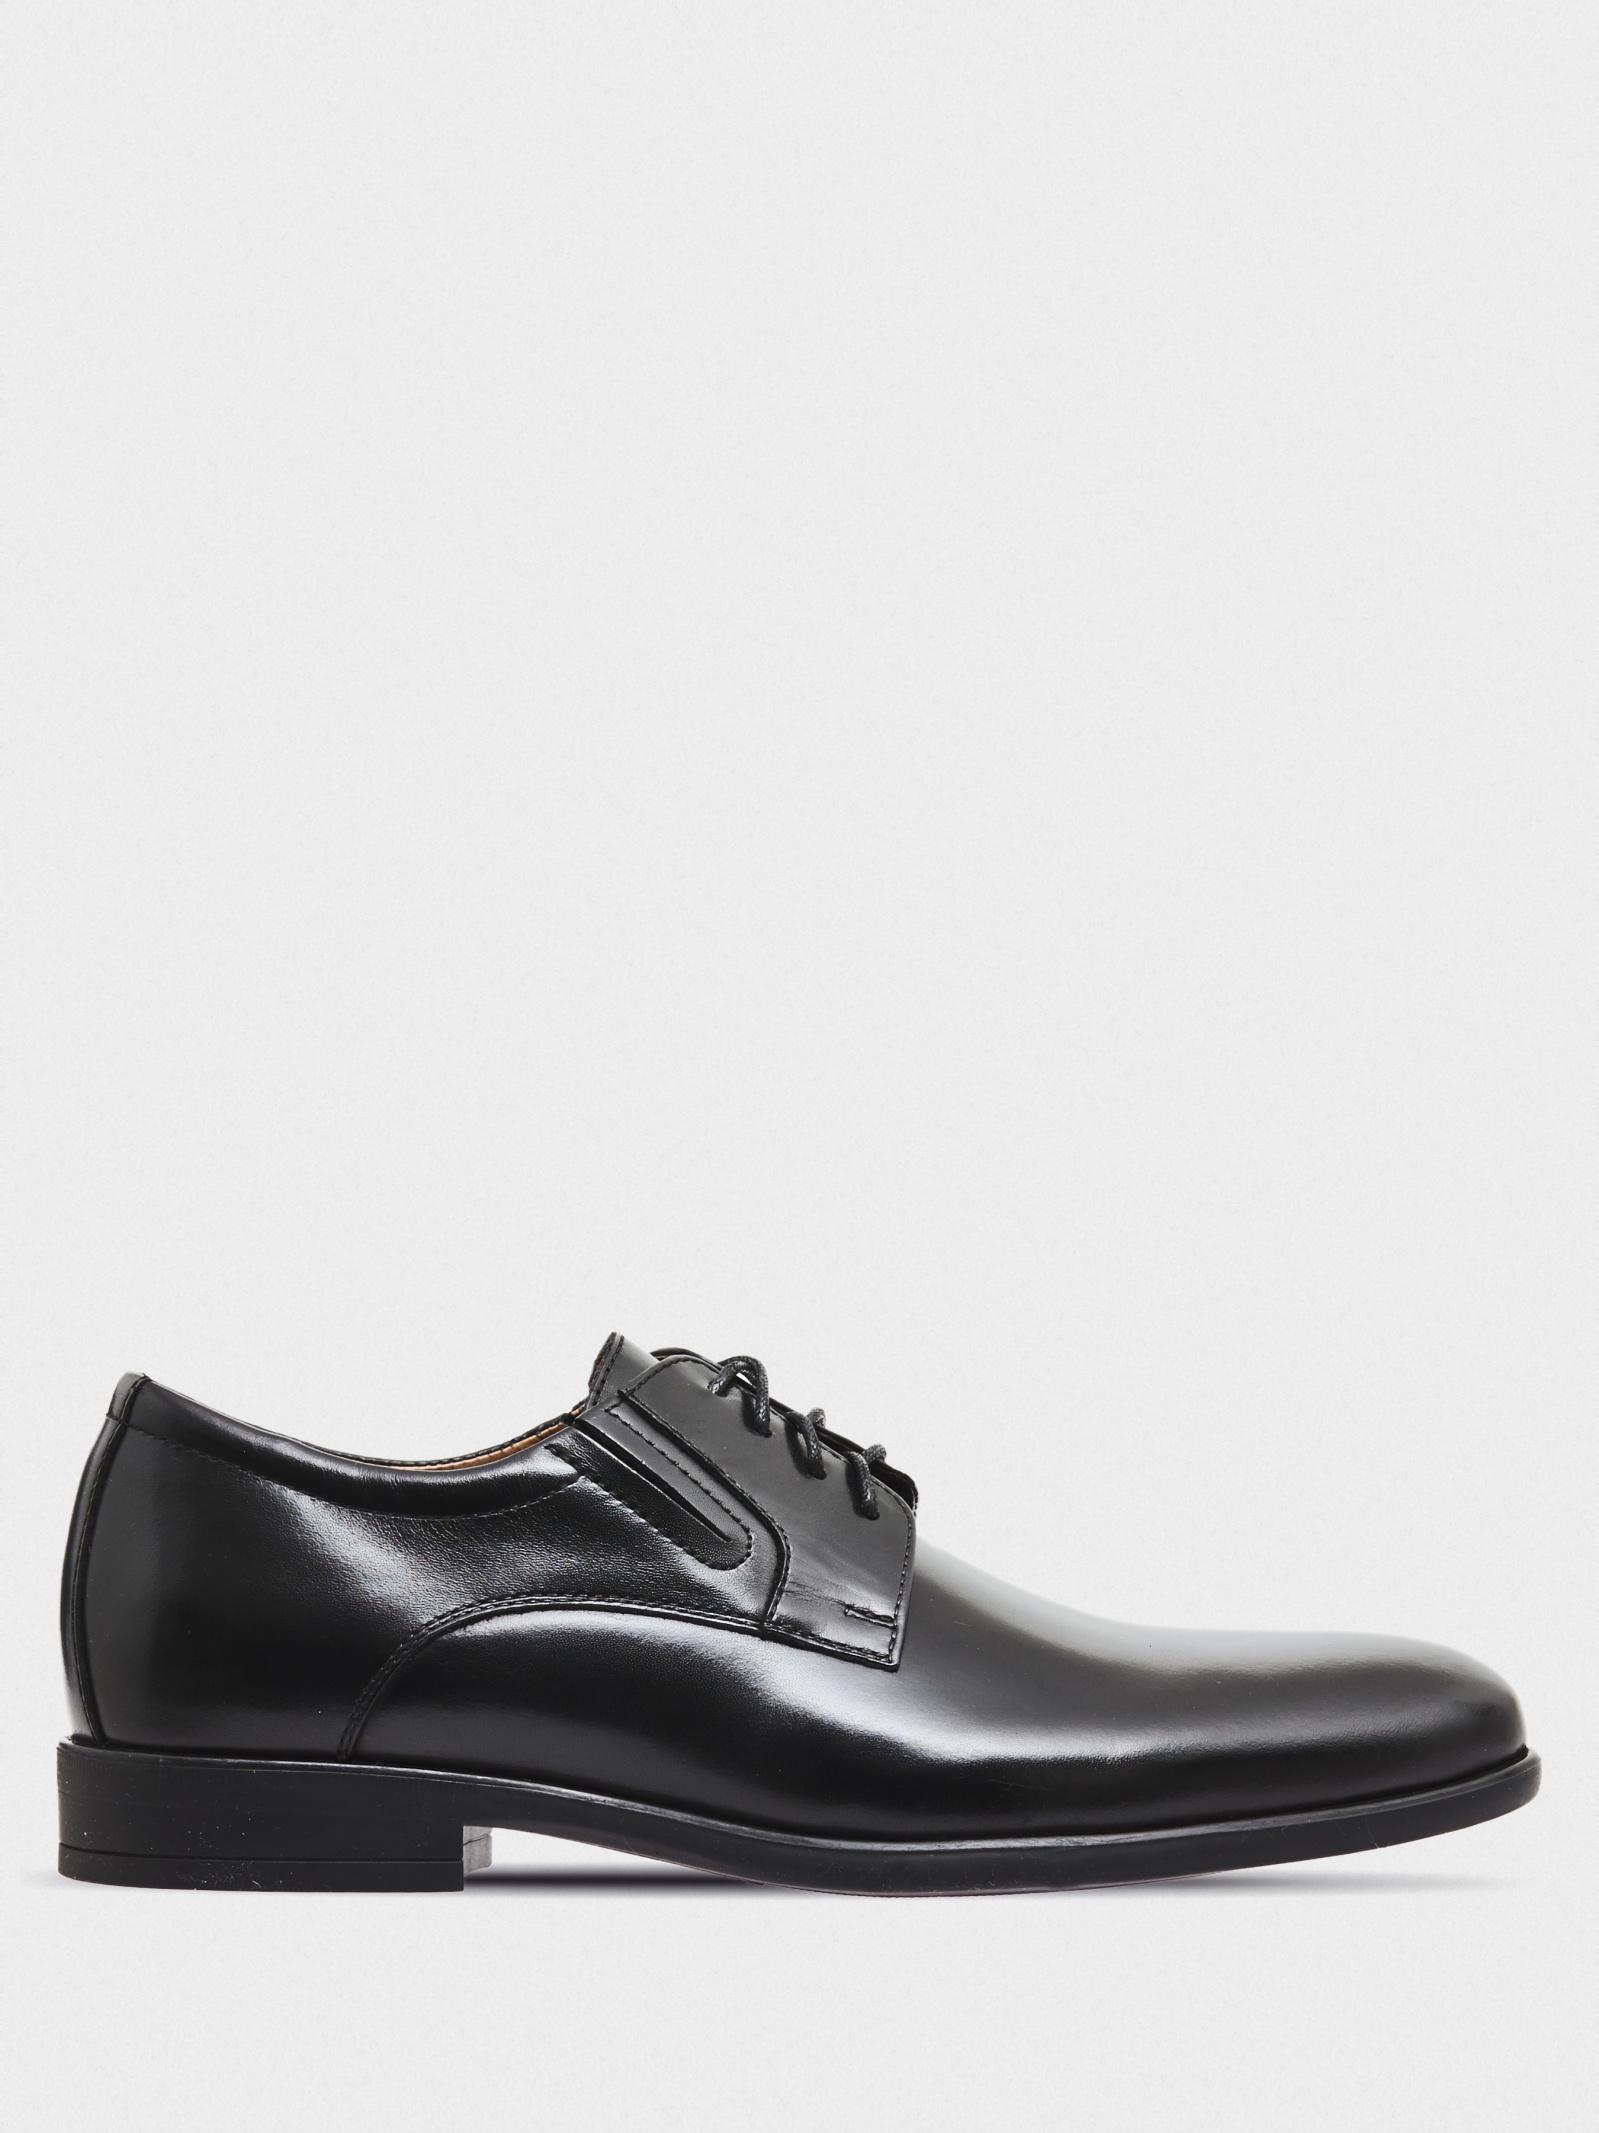 Туфли для мужчин Braska 224-4940/101 продажа, 2017